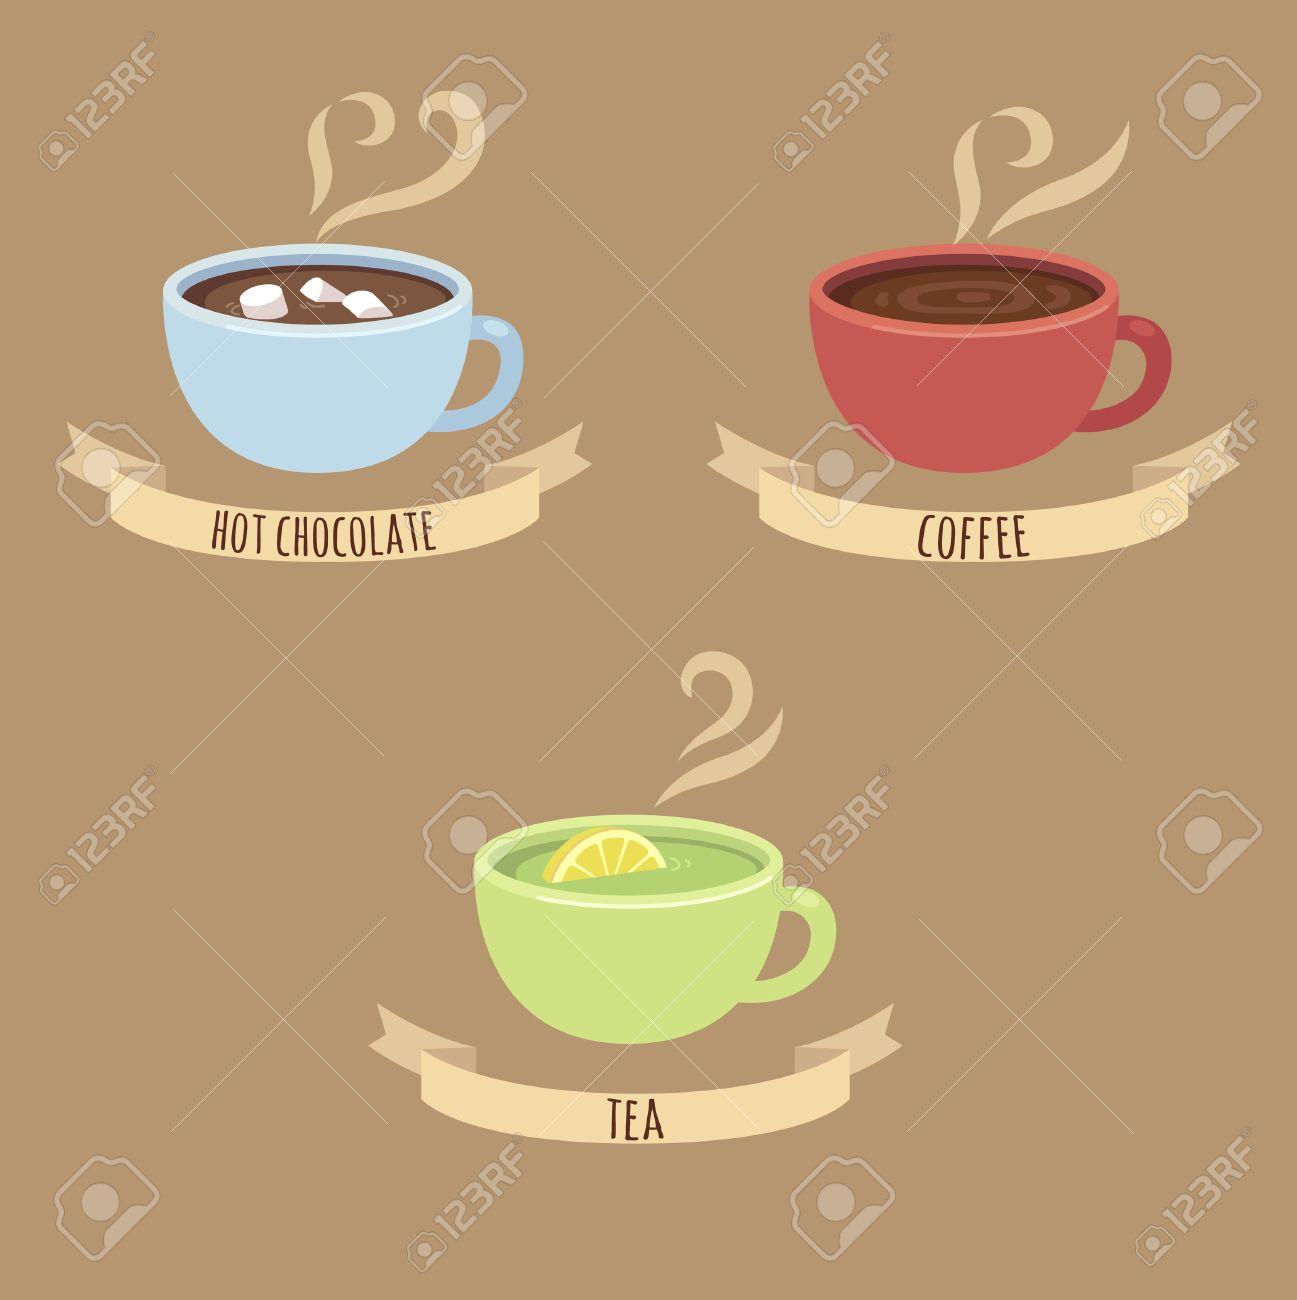 Drei Dampfende Heißgetränk Tassen: Heiße Schokolade Kaffee Und Grüner Tee  Mit Beschriftungen Auf Bändern. Lizenzfrei Nutzbare Vektorgrafiken, Clip  Arts, Illustrationen. Image 41794496.